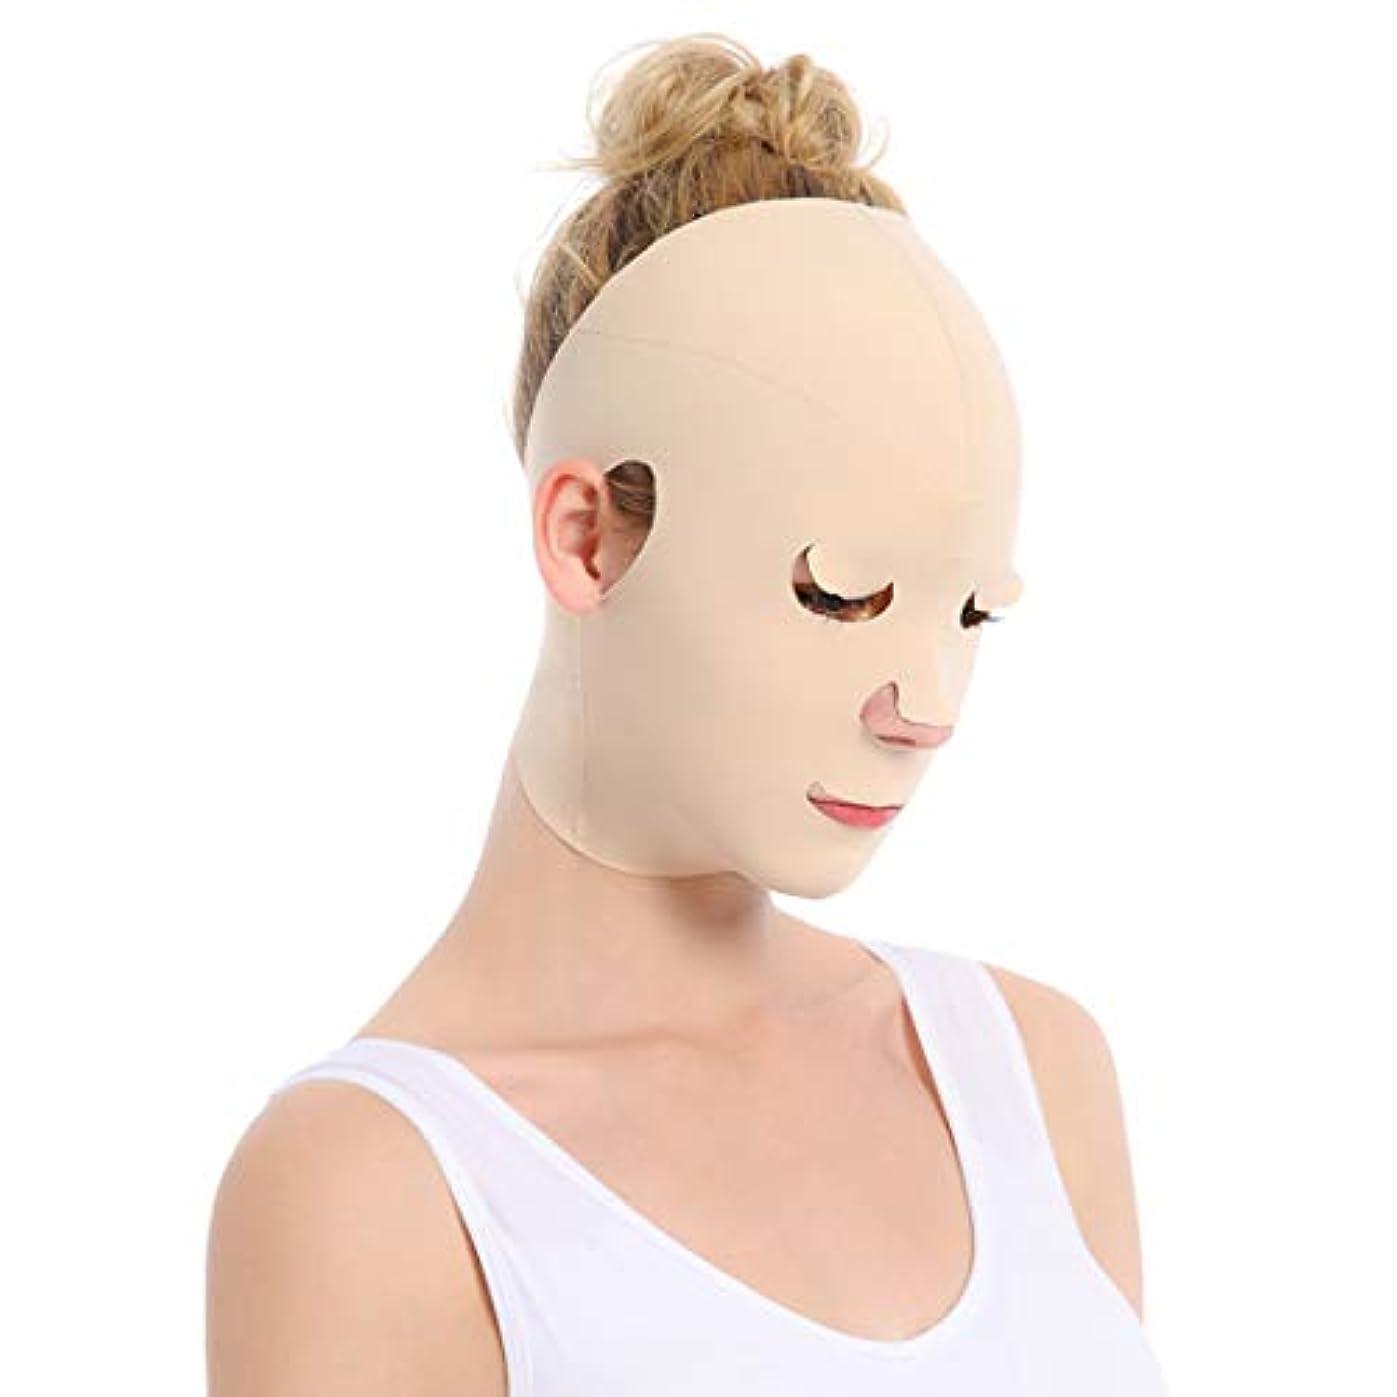 サイズ圧倒する入力小顔ベルト フェイスベルト矯正 Vライン 美顏 顎サポーター 顔痩せ フェイスサポータマスク 男女兼用